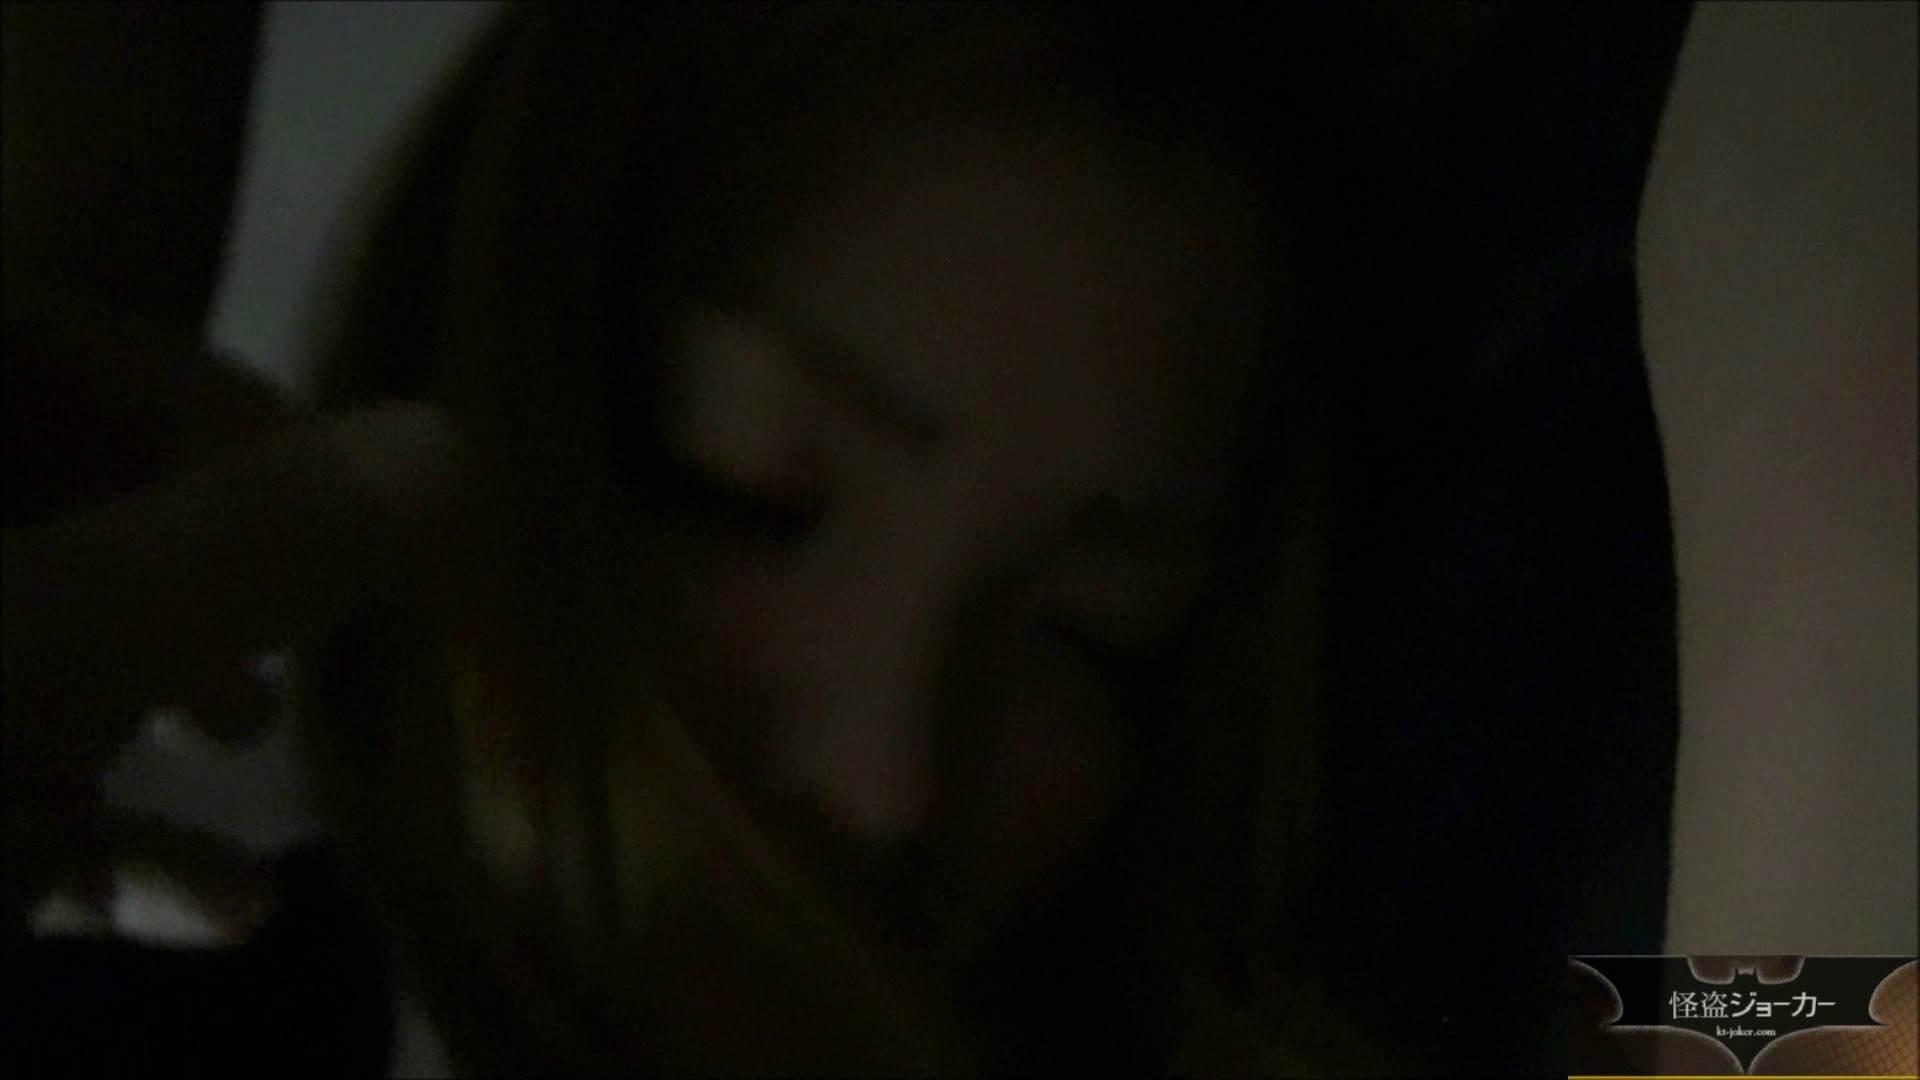 【未公開】vol.87 {茶髪美巨乳ギャル}アミちゃんのヌルヌル液w ギャル達 | イタズラ  100枚 55